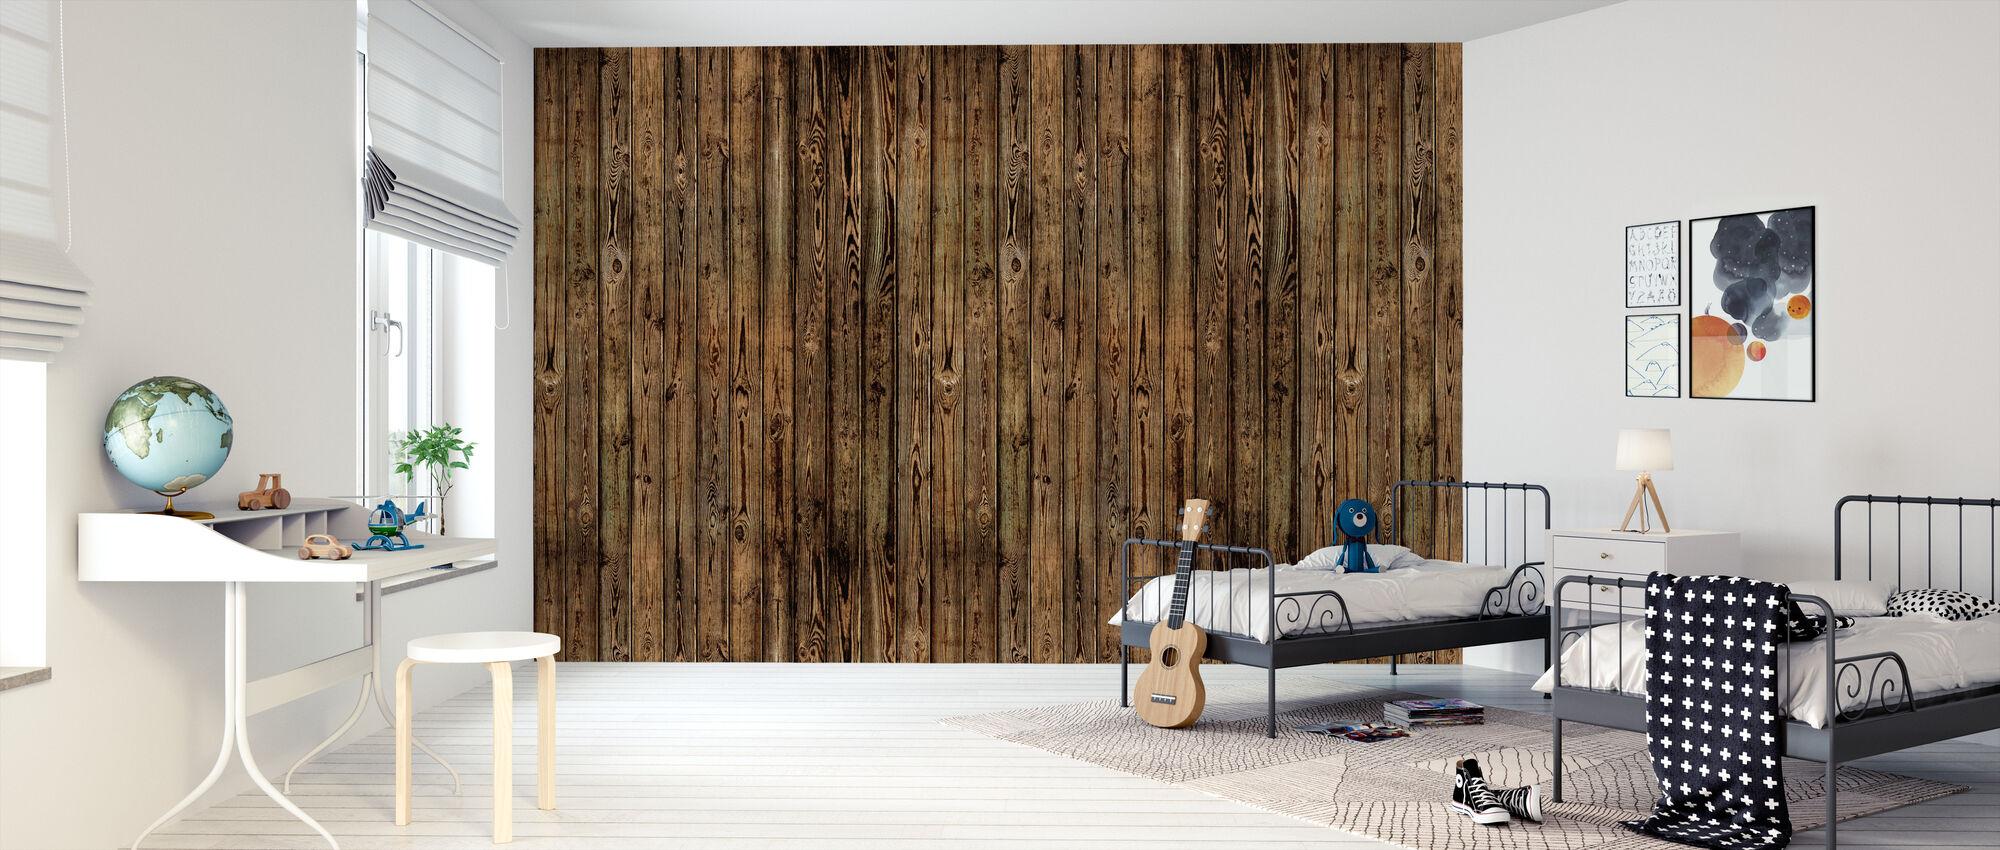 Træplanke væg - brændt - Tapet - Børneværelse